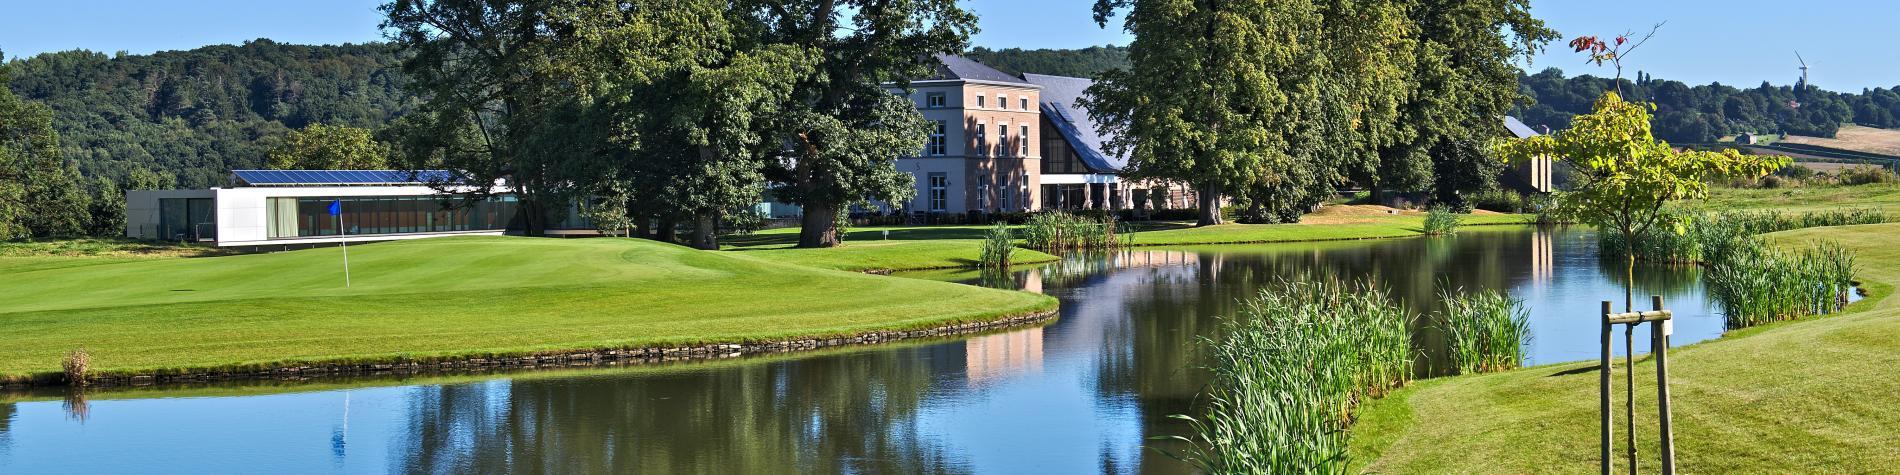 Naxhelet Golf Club réunions, séminaires et conférences en Province de Liège hôtel 4 étoiles